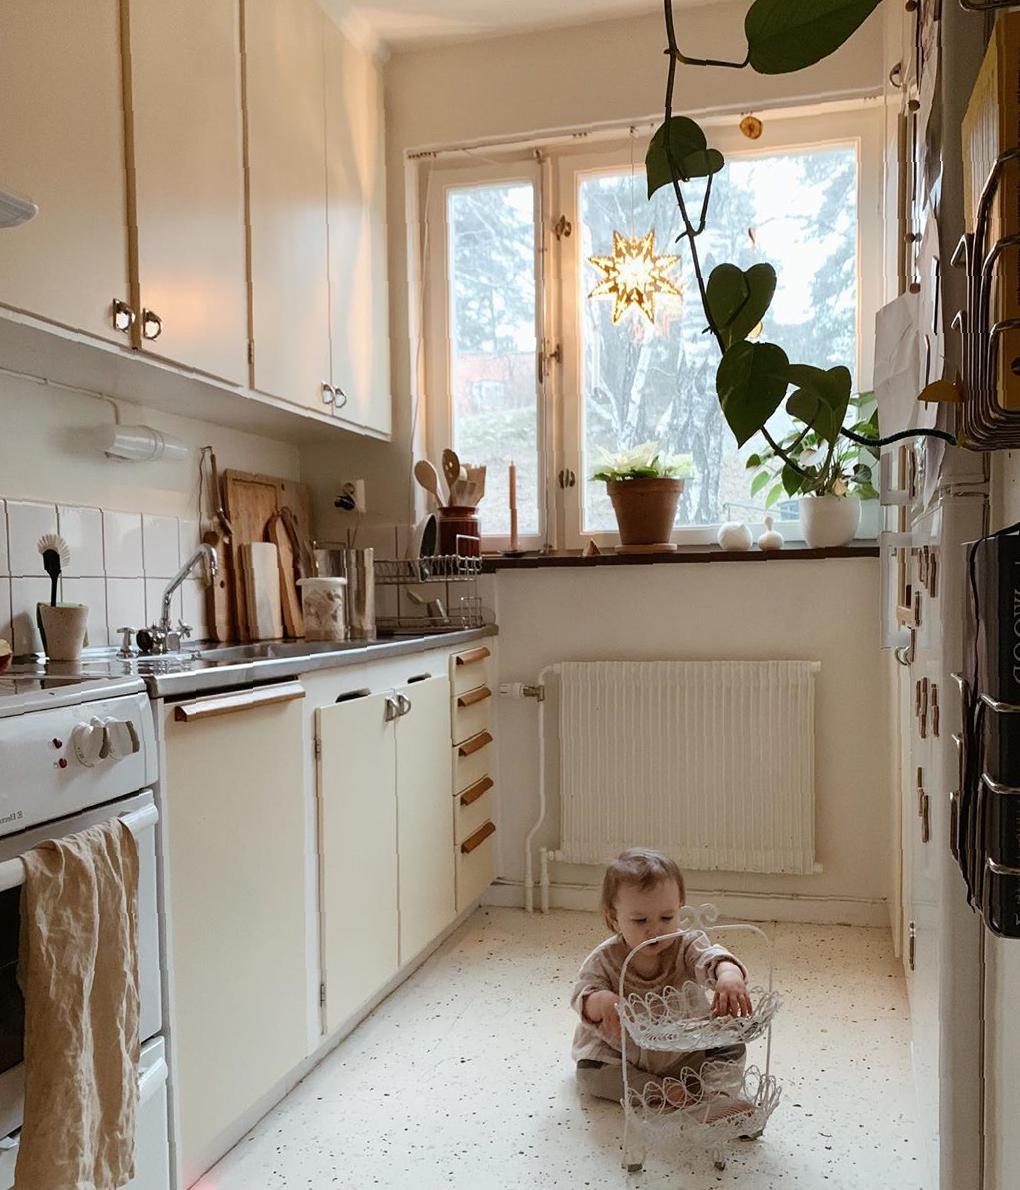 40 Incredible Kitchen Design Ideas Will Absolutely Stun You kitchen design ideas,kitchen remodel,kitchen design layout,modern kitchen design,contemporary kitchen design,rustic kitchen design,small kitchen